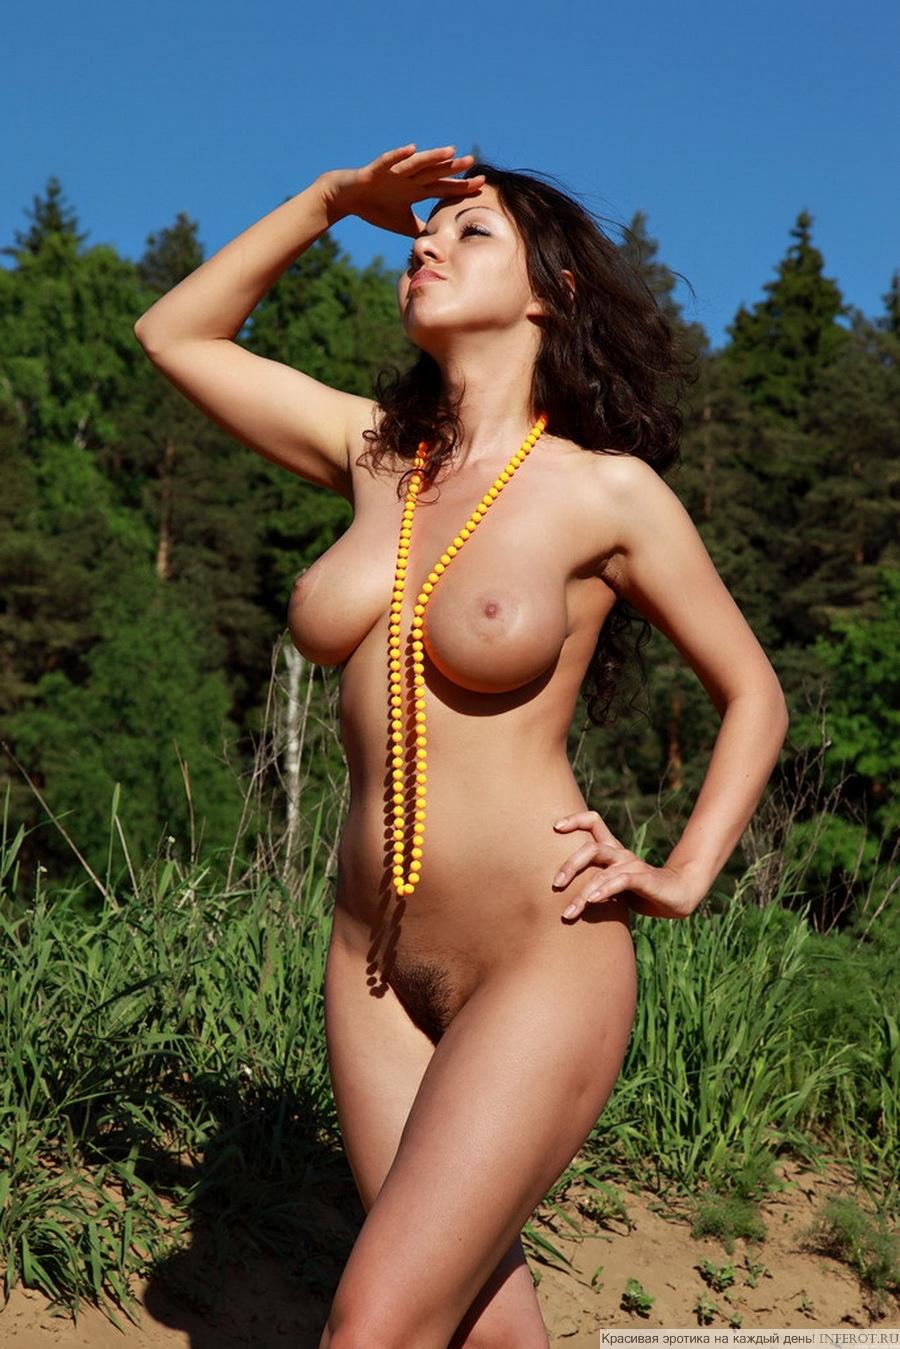 Грудастая девушка на природе (15 фото)